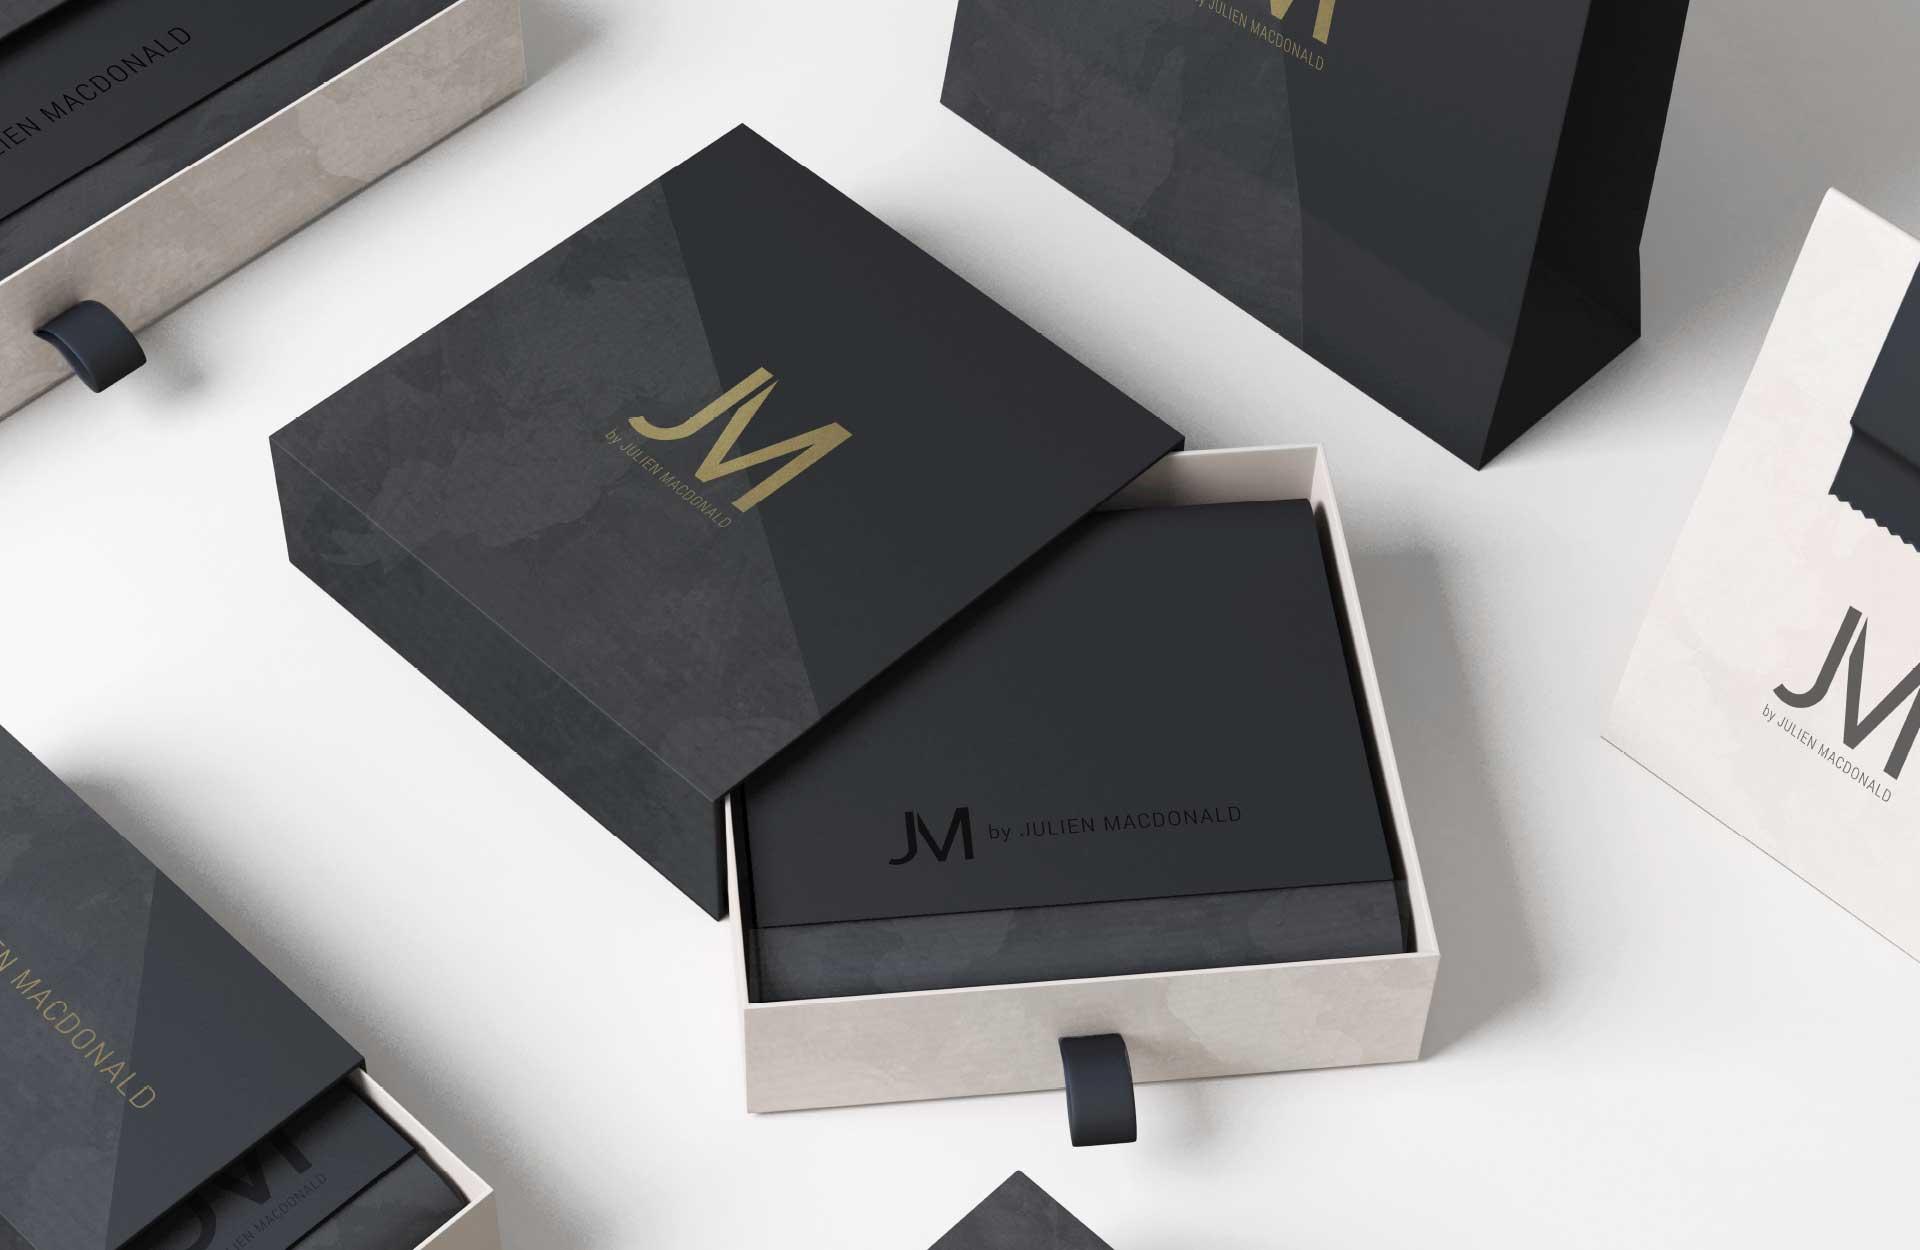 JM-License_01